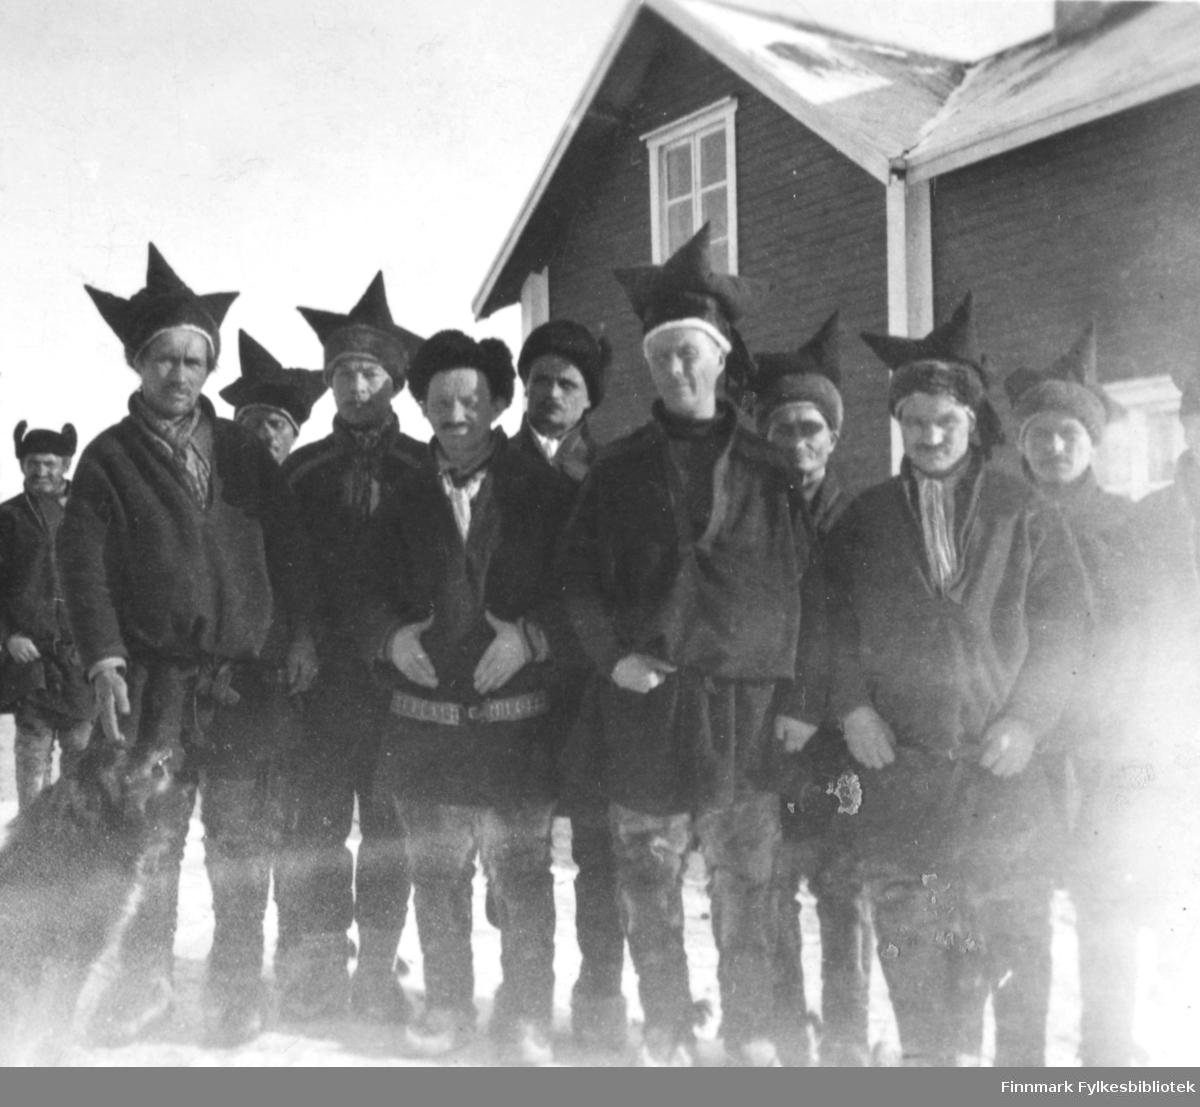 Et gruppebilde fra Utsjoki, Finland. Et gruppe samiske menn står foran et hus. Bildet er et stereobilde.          .